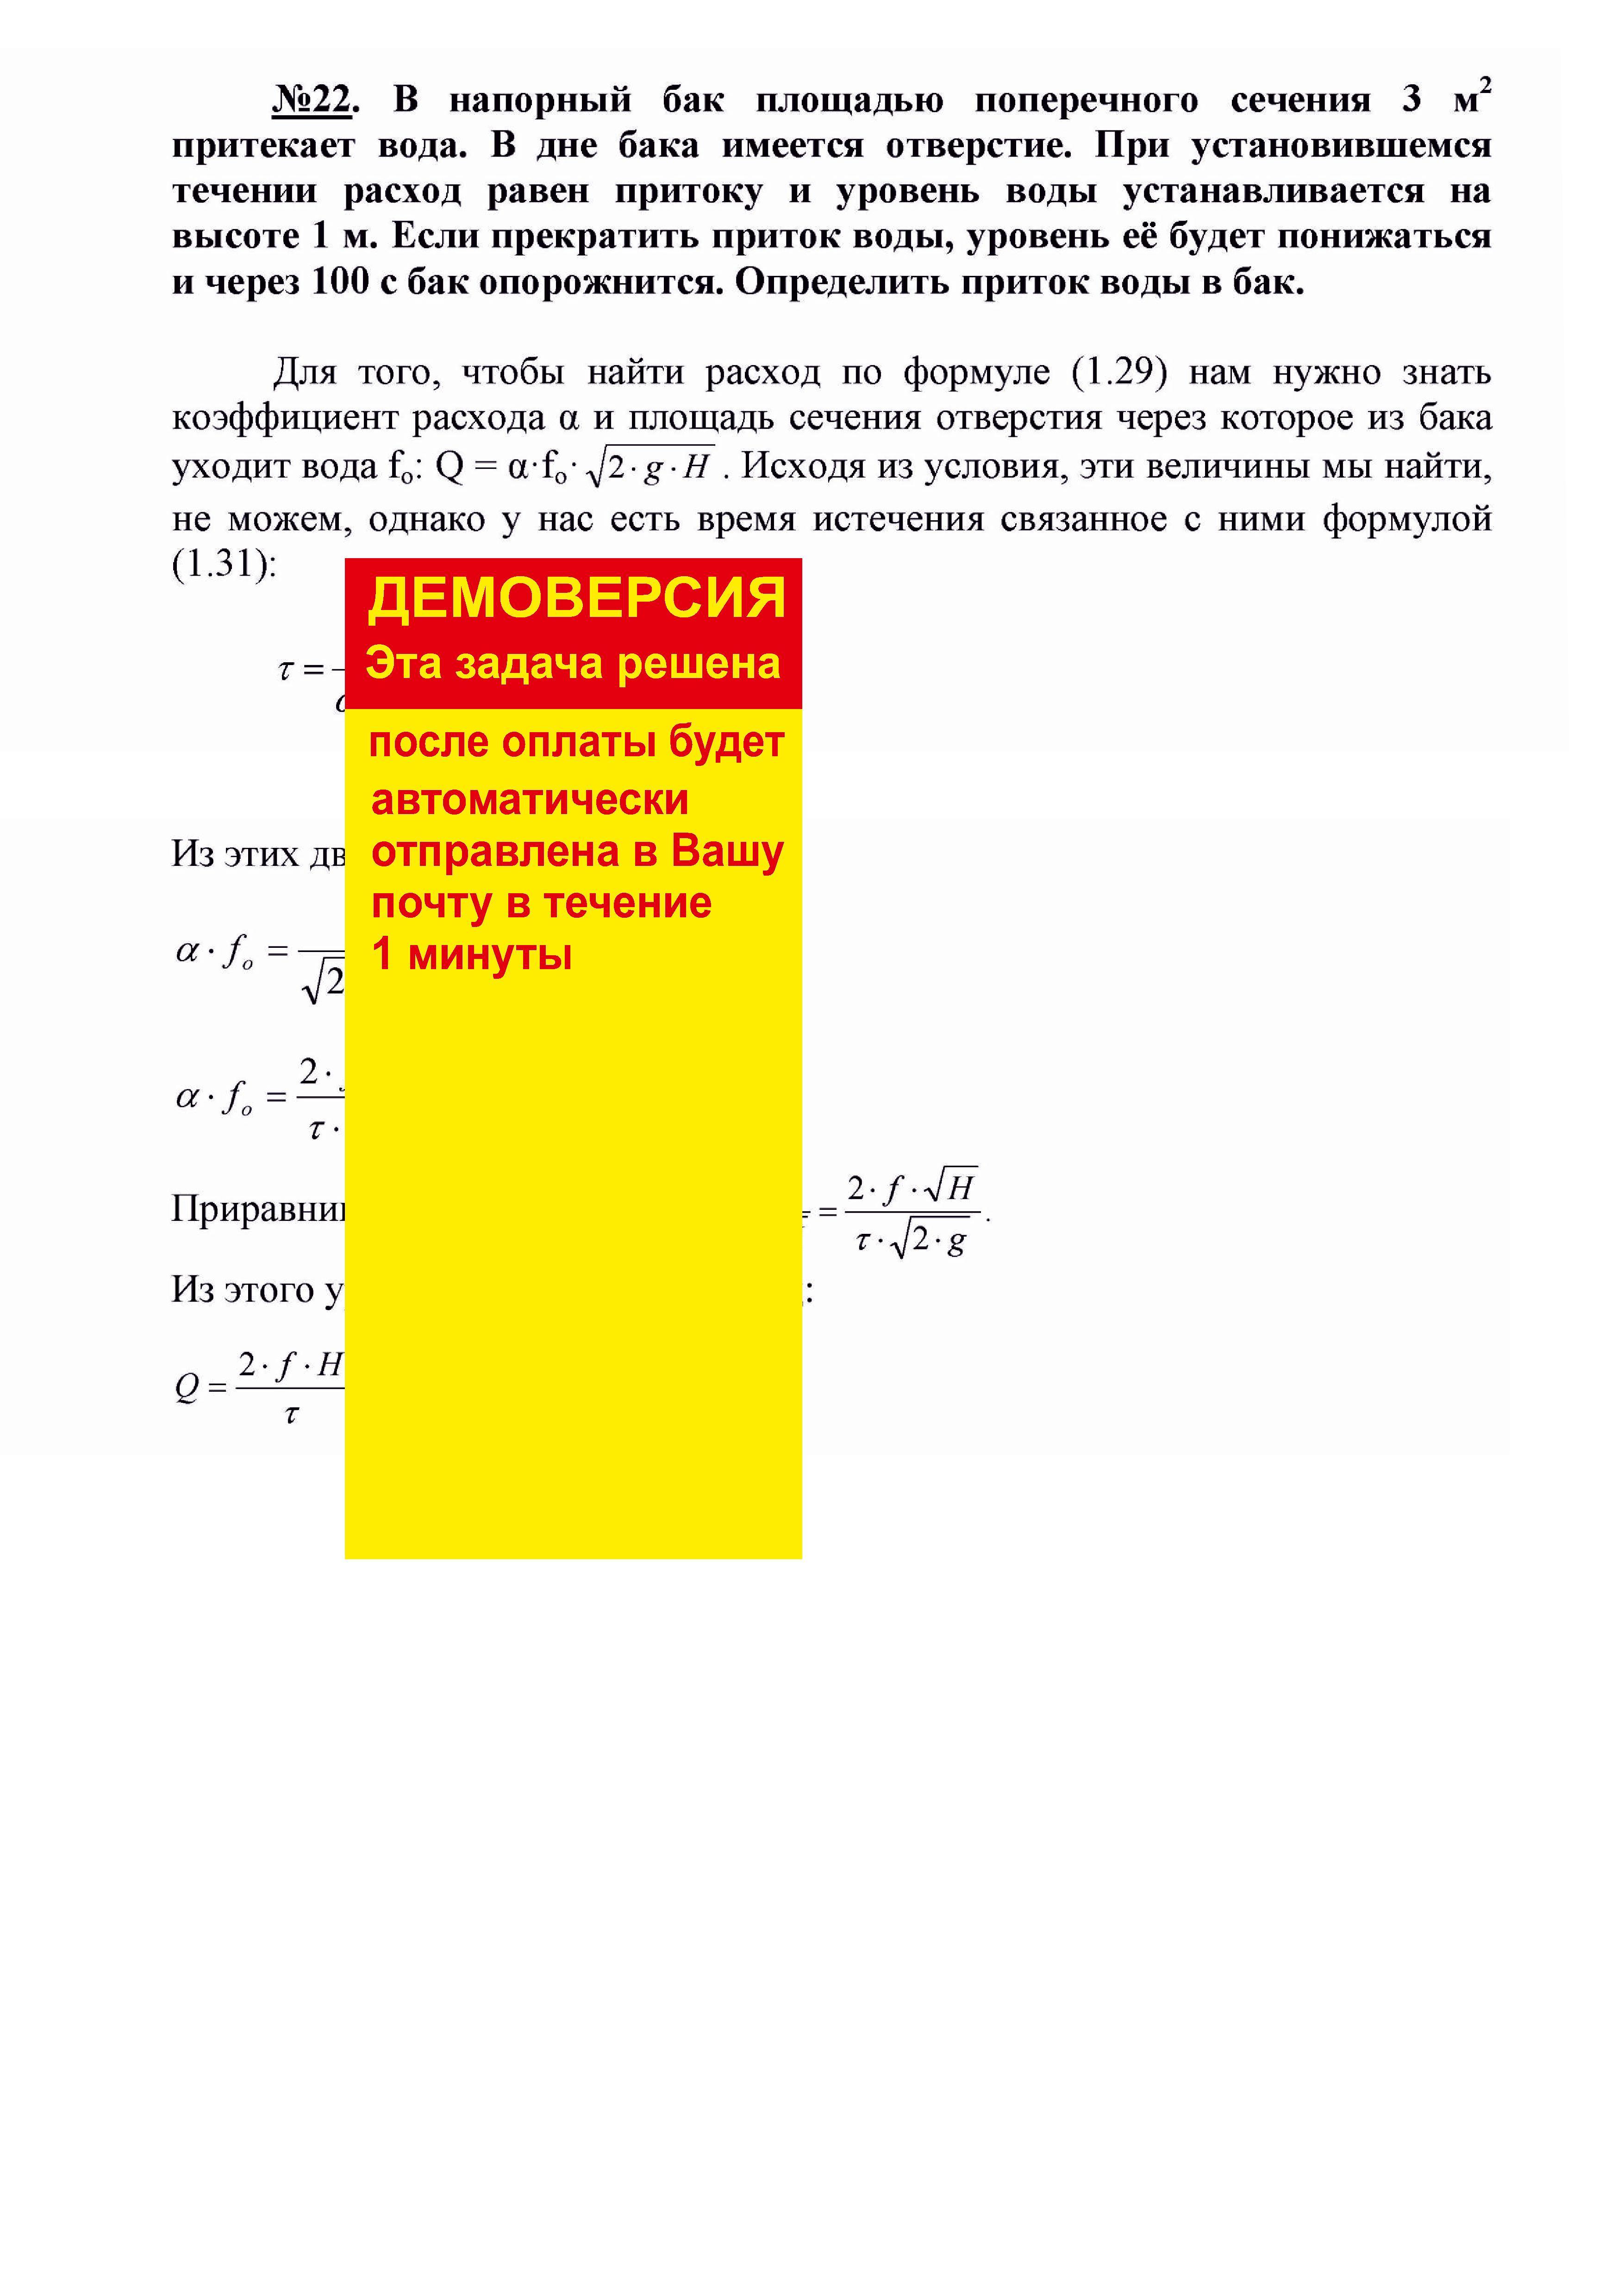 Решение задачи 1.22 по ПАХТ из задачника Павлова Романкова Носкова